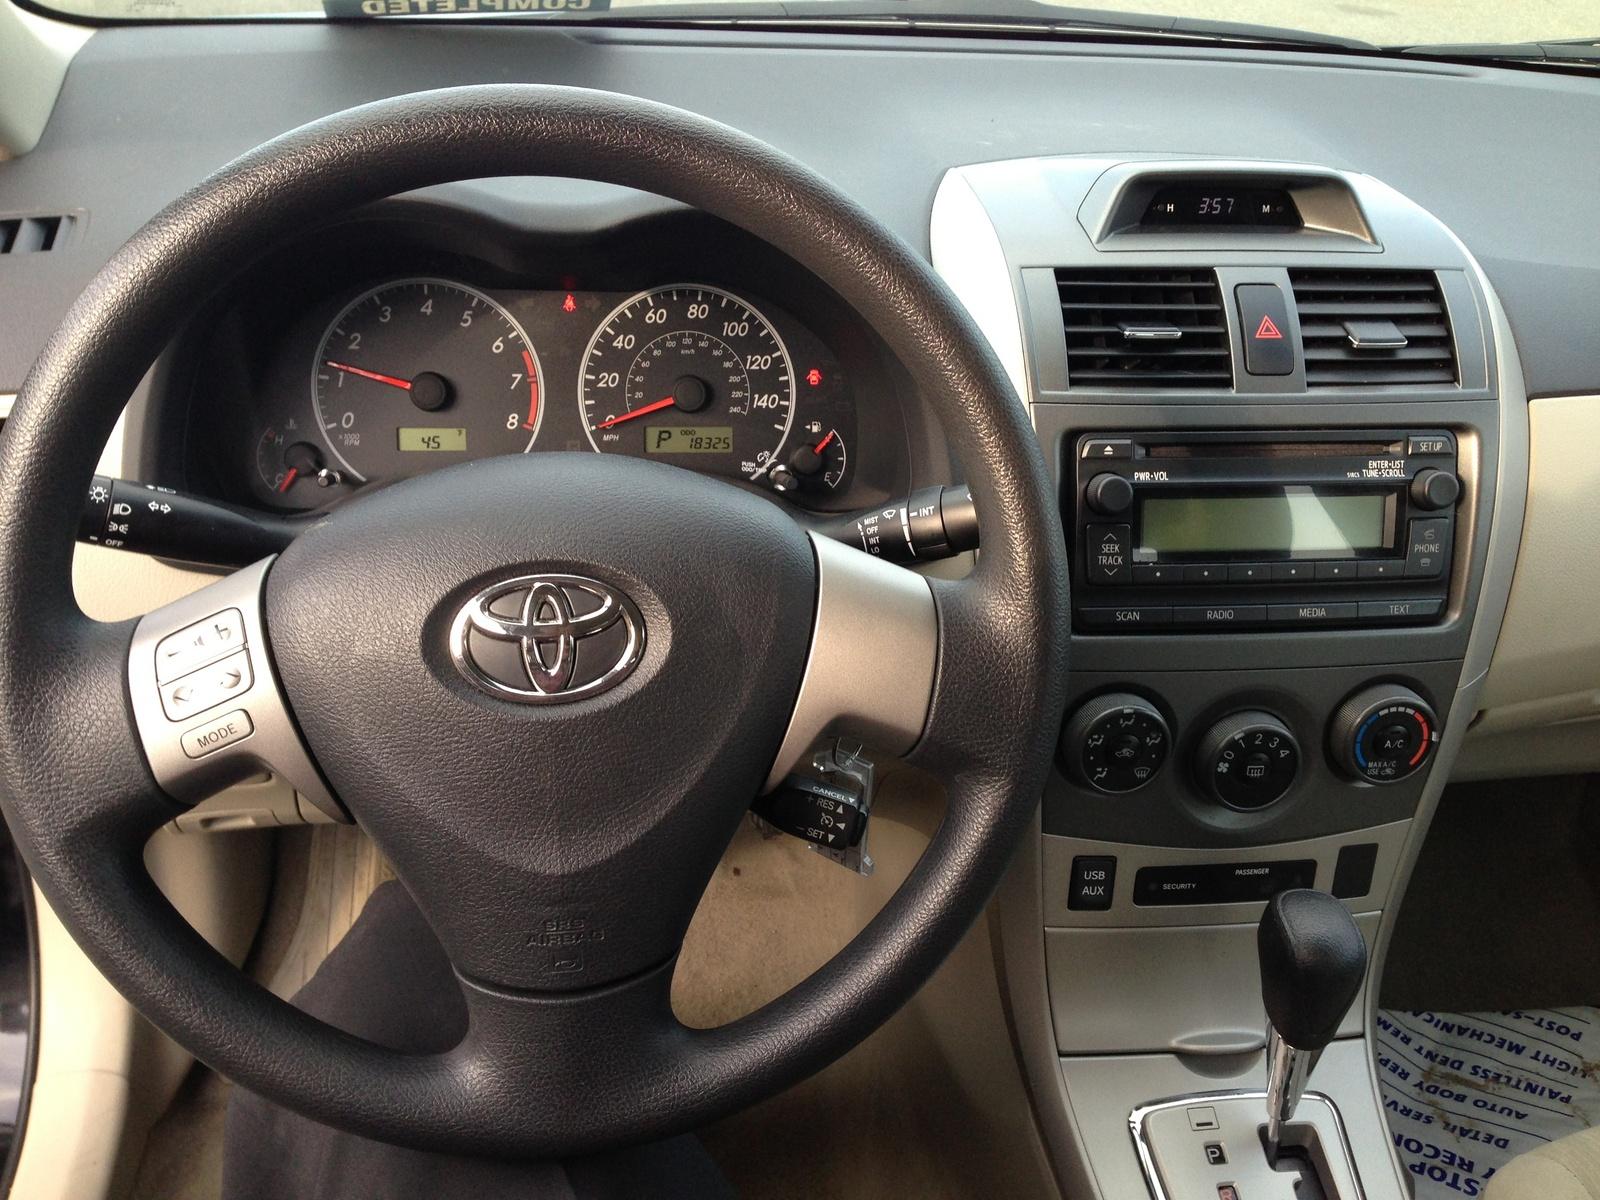 2012 Toyota Corolla Le Interior Pictures